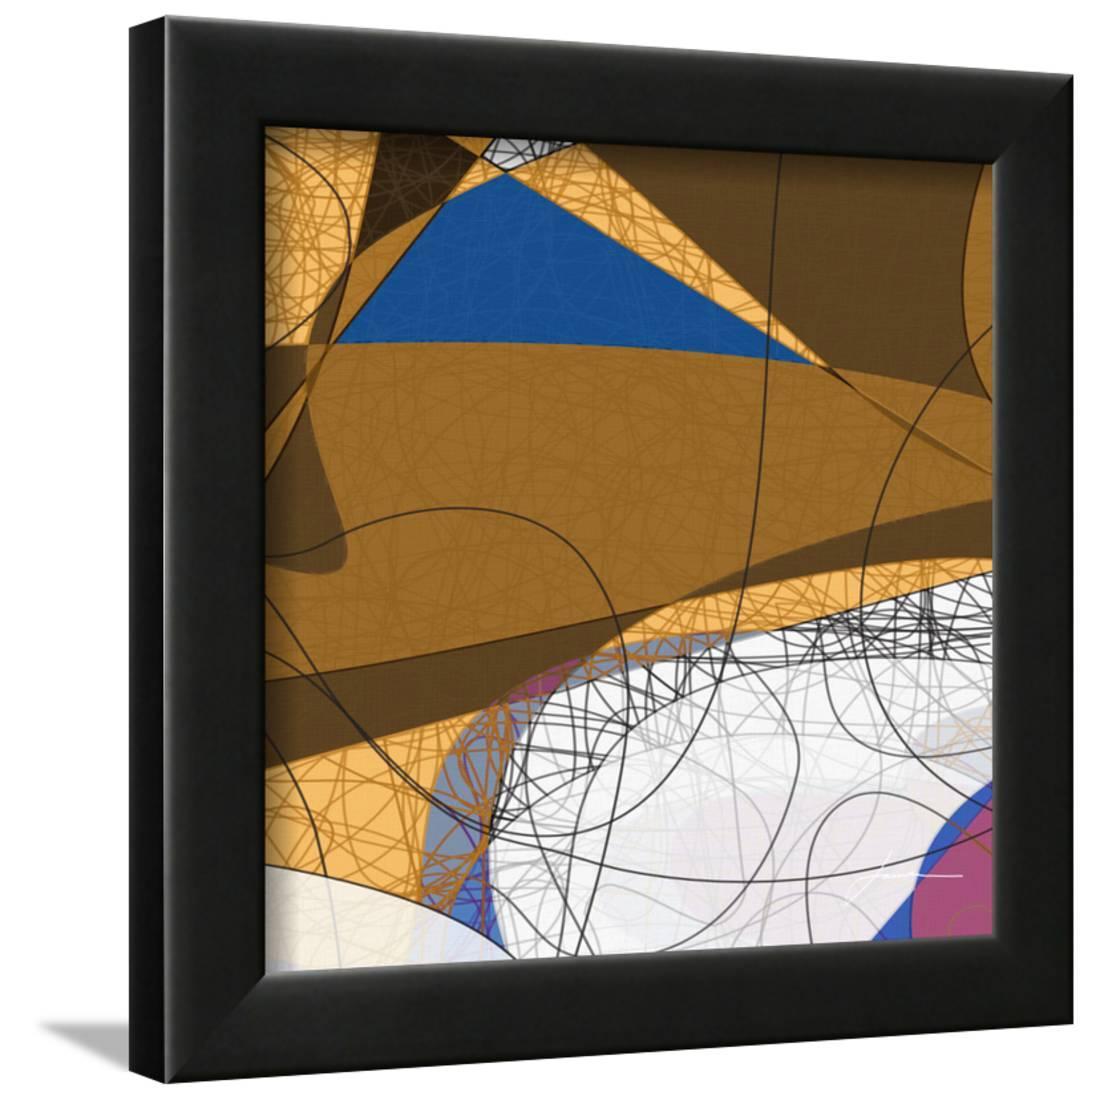 Tangled I Framed Print Wall Art By James Burghardt